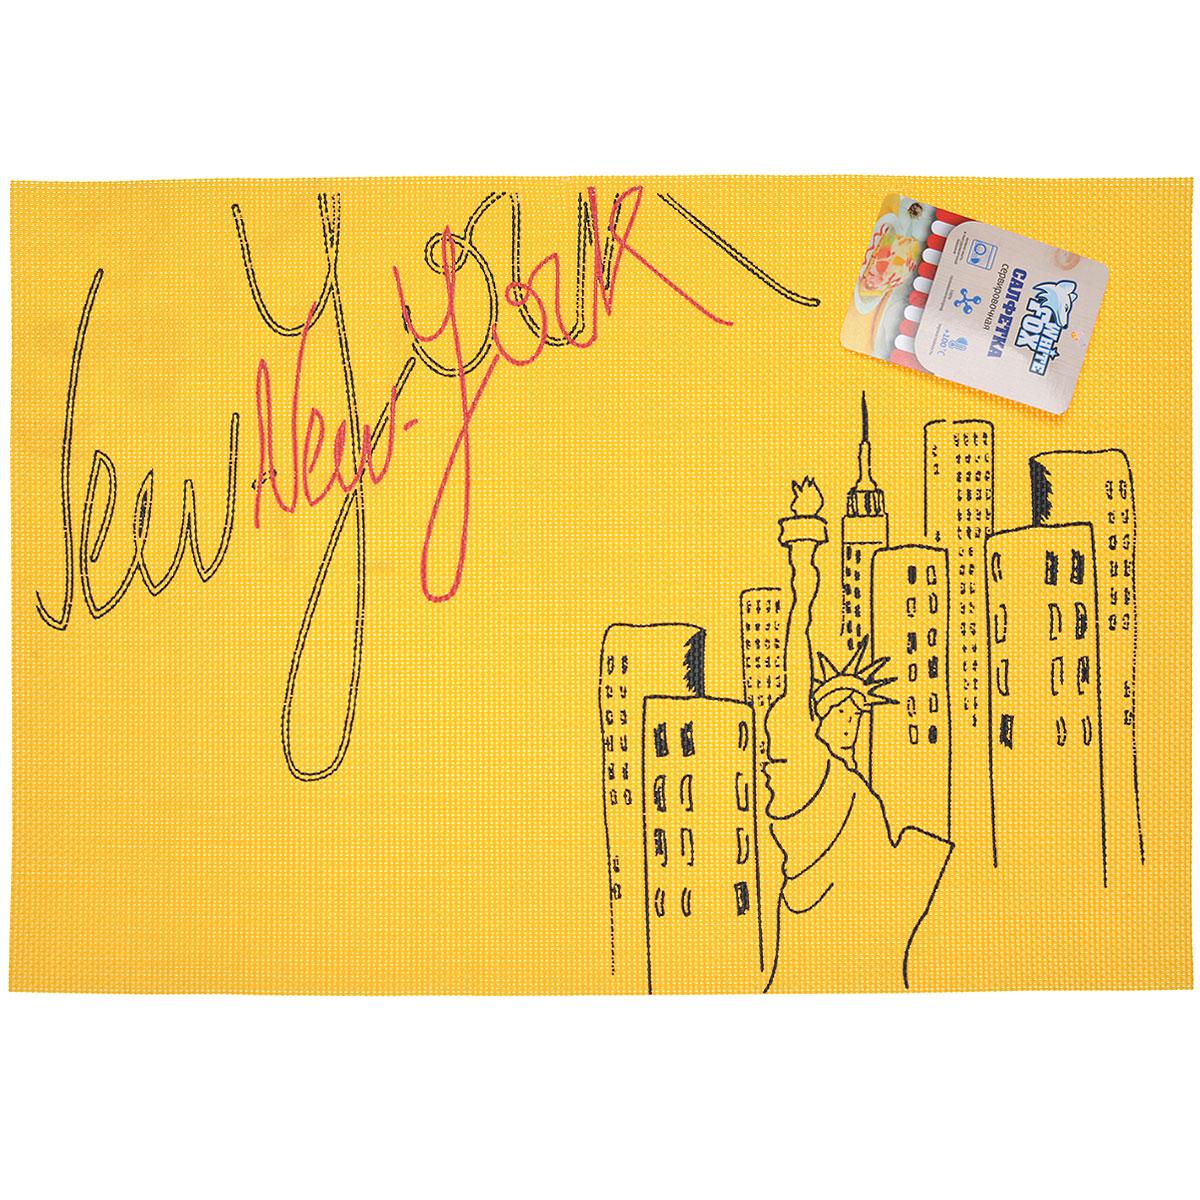 Салфетка сервировочная White Fox Нью-Йорк, цвет: желтый, 30 x 45 см, 4 шт54 009312Салфетка White Fox Нью-Йорк, выполненная из ПВХ, предназначена для сервировки стола. Она служит защитой от царапин и различных следов, а также используется в качестве подставки под горячее. Салфетка, оформленная дизайнерским рисунком в виде Нью-Йорка, дополнит стильную сервировку стола.